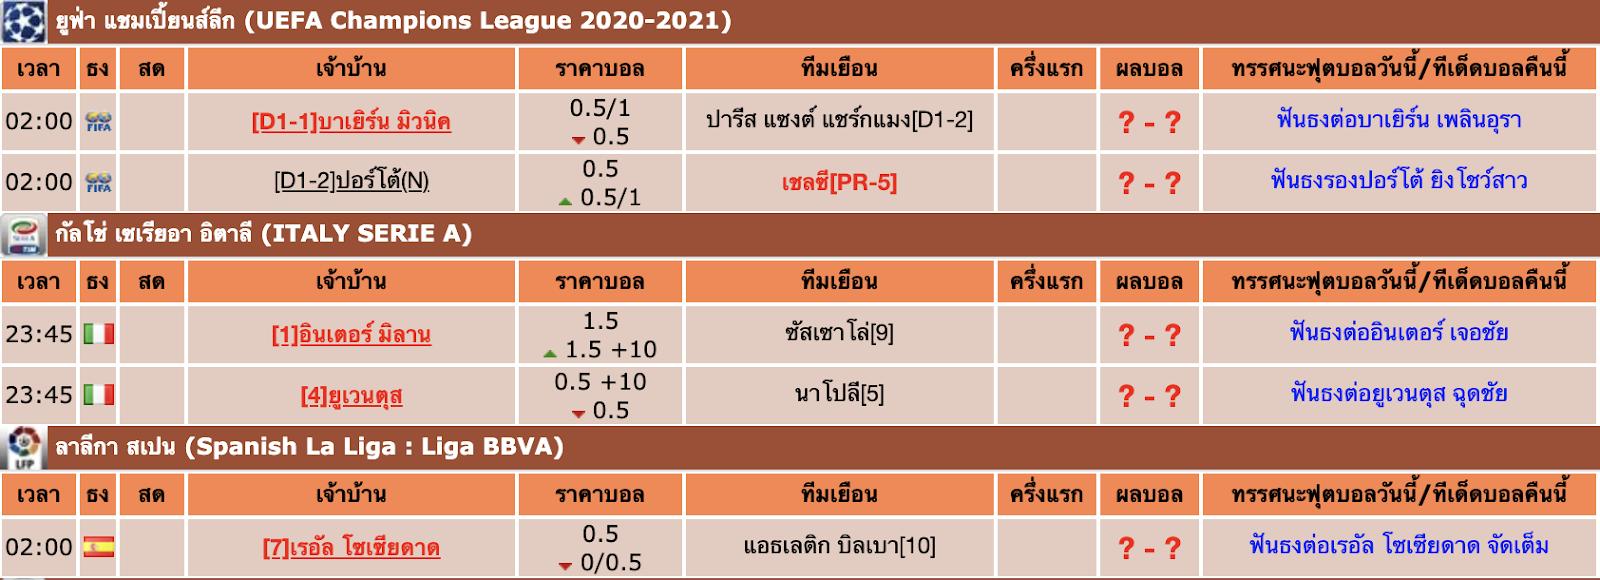 รูปภาพตัวอย่างการดูอัตราการไหลของราคาบอล